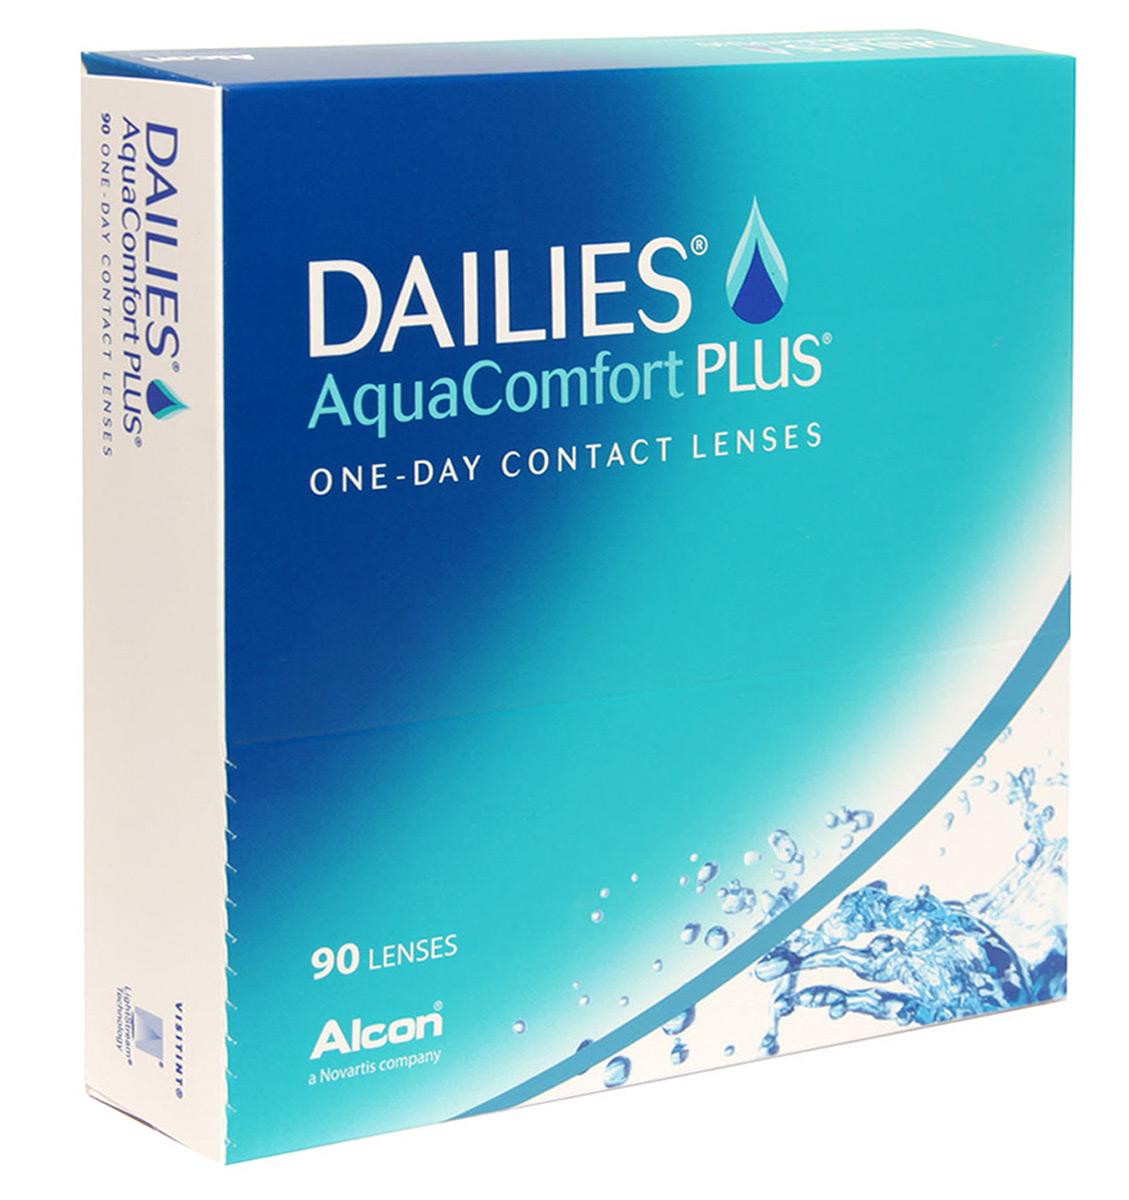 Alcon-CIBA Vision контактные линзы Dailies AquaComfort Plus (90шт / 8.7 / 14.0 / -5.00)38384Dailies AquaComfort Plus - это одни из самых популярных однодневных линз производства компании Ciba Vision. Эти линзы пользуются огромной популярностью во всем мире и являются на сегодняшний день самыми безопасными контактными линзами. Изготавливаются линзы из современного, 100% безопасного материала нелфилкон А. Особенность этого материала в том, что он легко пропускает воздух и хорошо сохраняет влагу. Однодневные контактные линзы Dailies AquaComfort Plus не нуждаются в дополнительном уходе и затратах, каждый день вы надеваете свежую пару линз. Дизайн линзы биосовместимый, что гарантирует безупречный комфорт. Самое главное достоинство Dailies AquaComfort Plus - это их уникальная система увлажнения. Благодаря этой разработке линзы увлажняются тремя различными агентами. Первый компонент, ухаживающий за линзами, находится в растворе, он как бы обволакивает линзу, обеспечивая чрезвычайно комфортное надевание. Второй агент выделяется на протяжении всего дня, он...